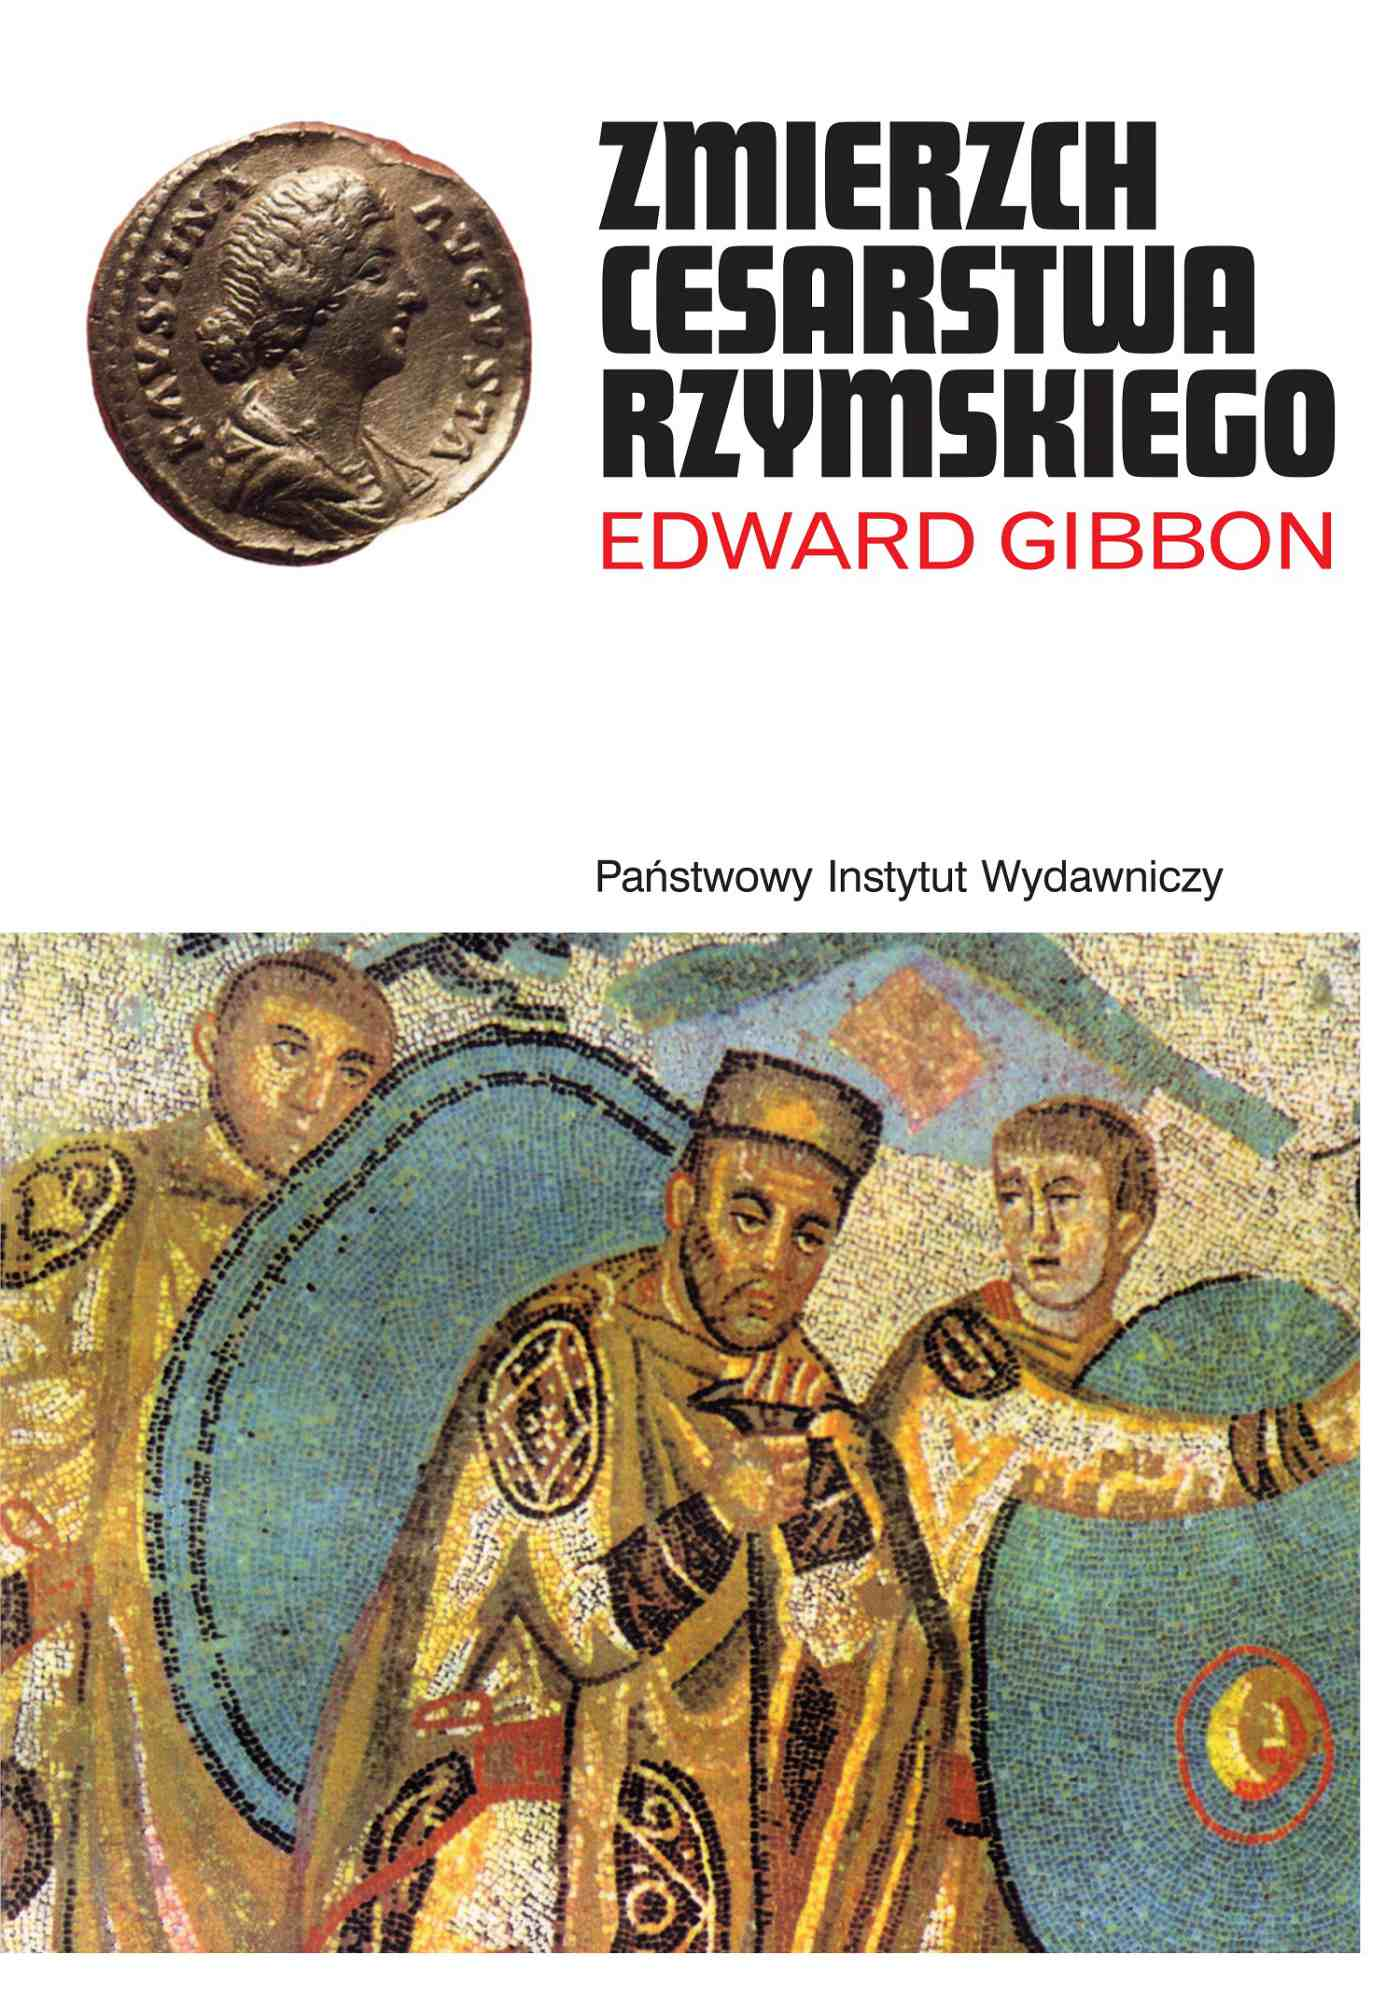 Zmierzch cesarstwa rzymskiego Tom II - Ebook (Książka na Kindle) do pobrania w formacie MOBI